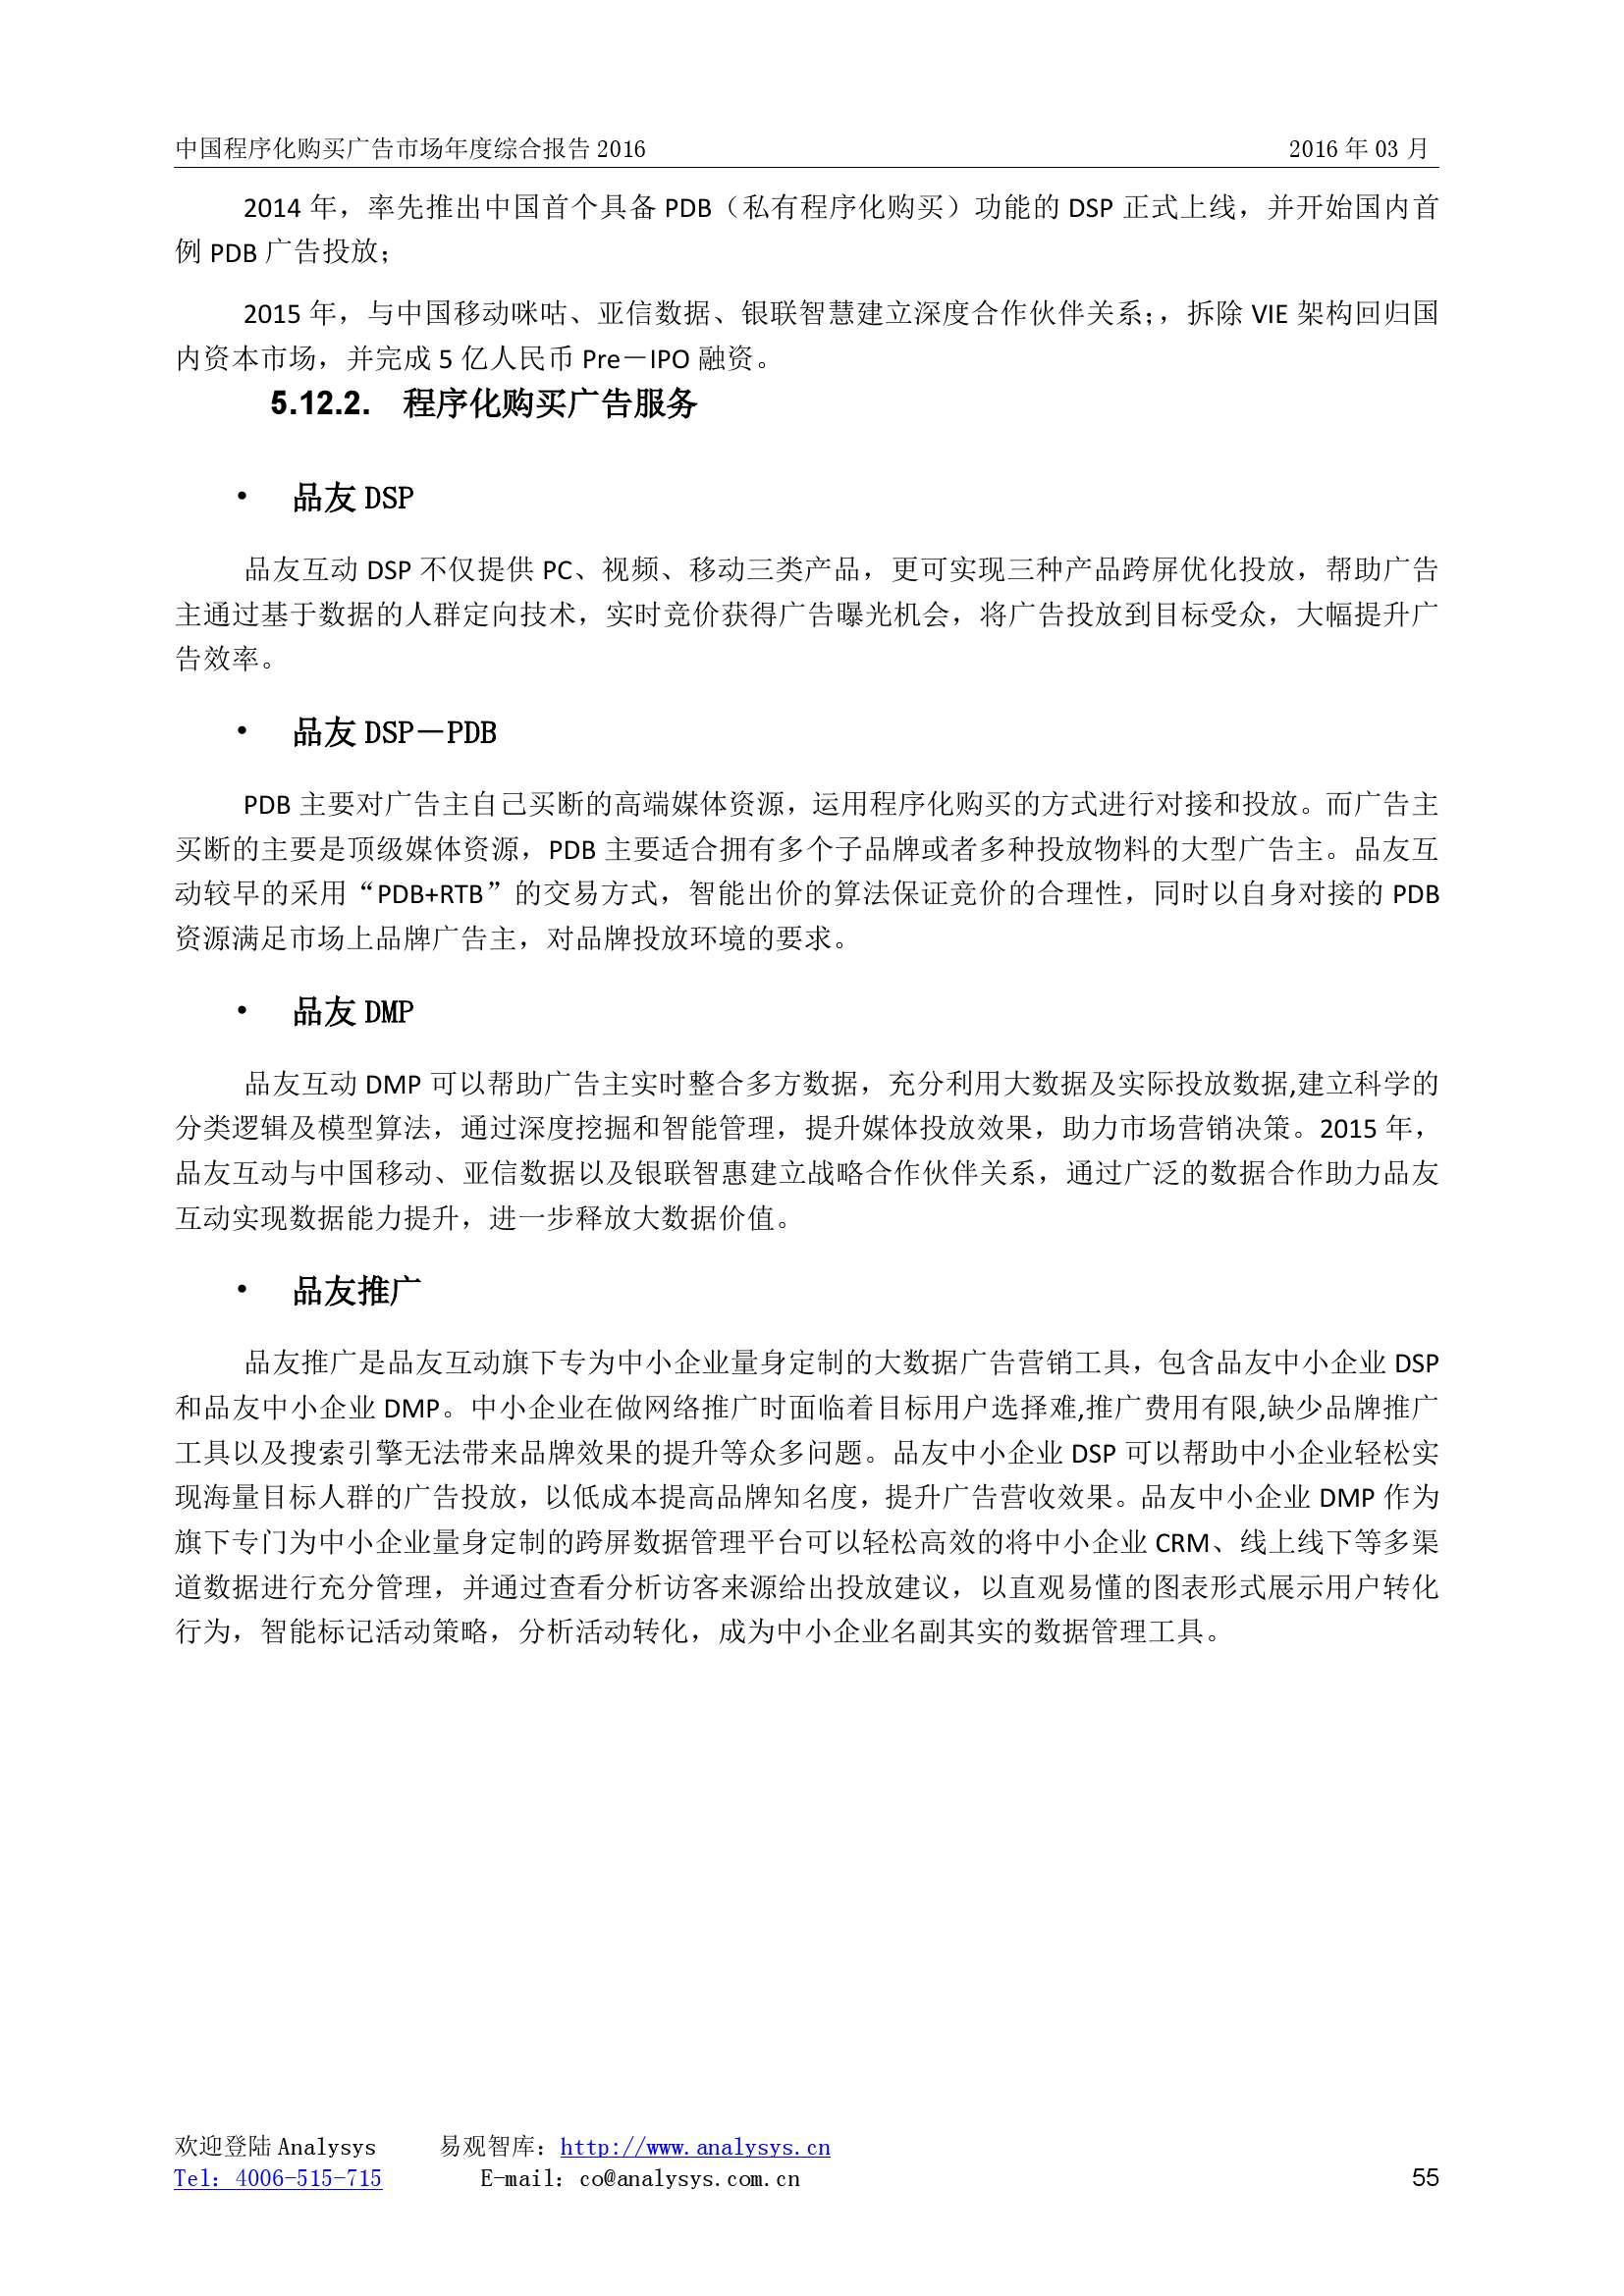 中国程序化购买广告市场年度综合报告2016_000055